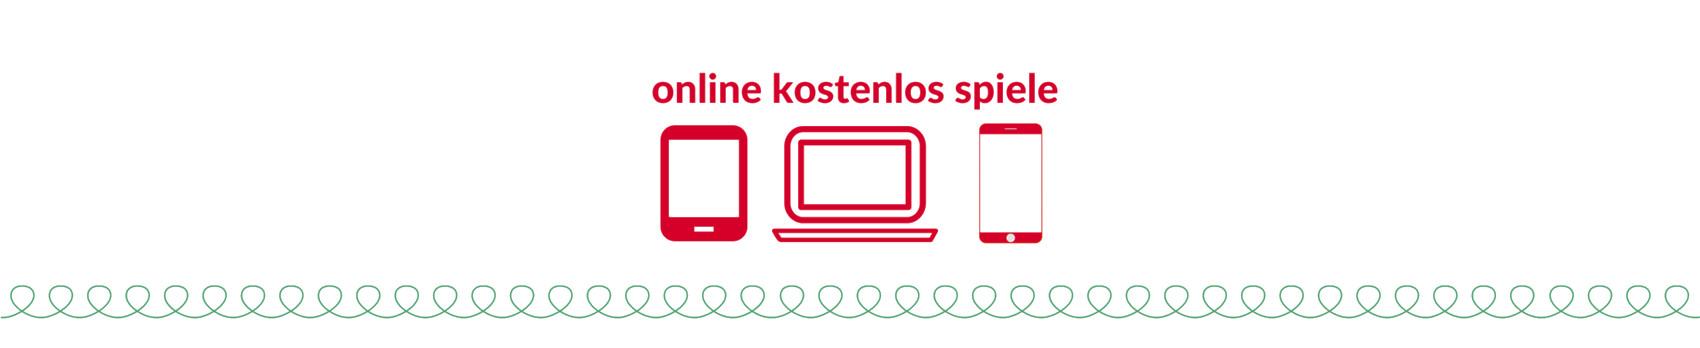 online kostenlos spiele